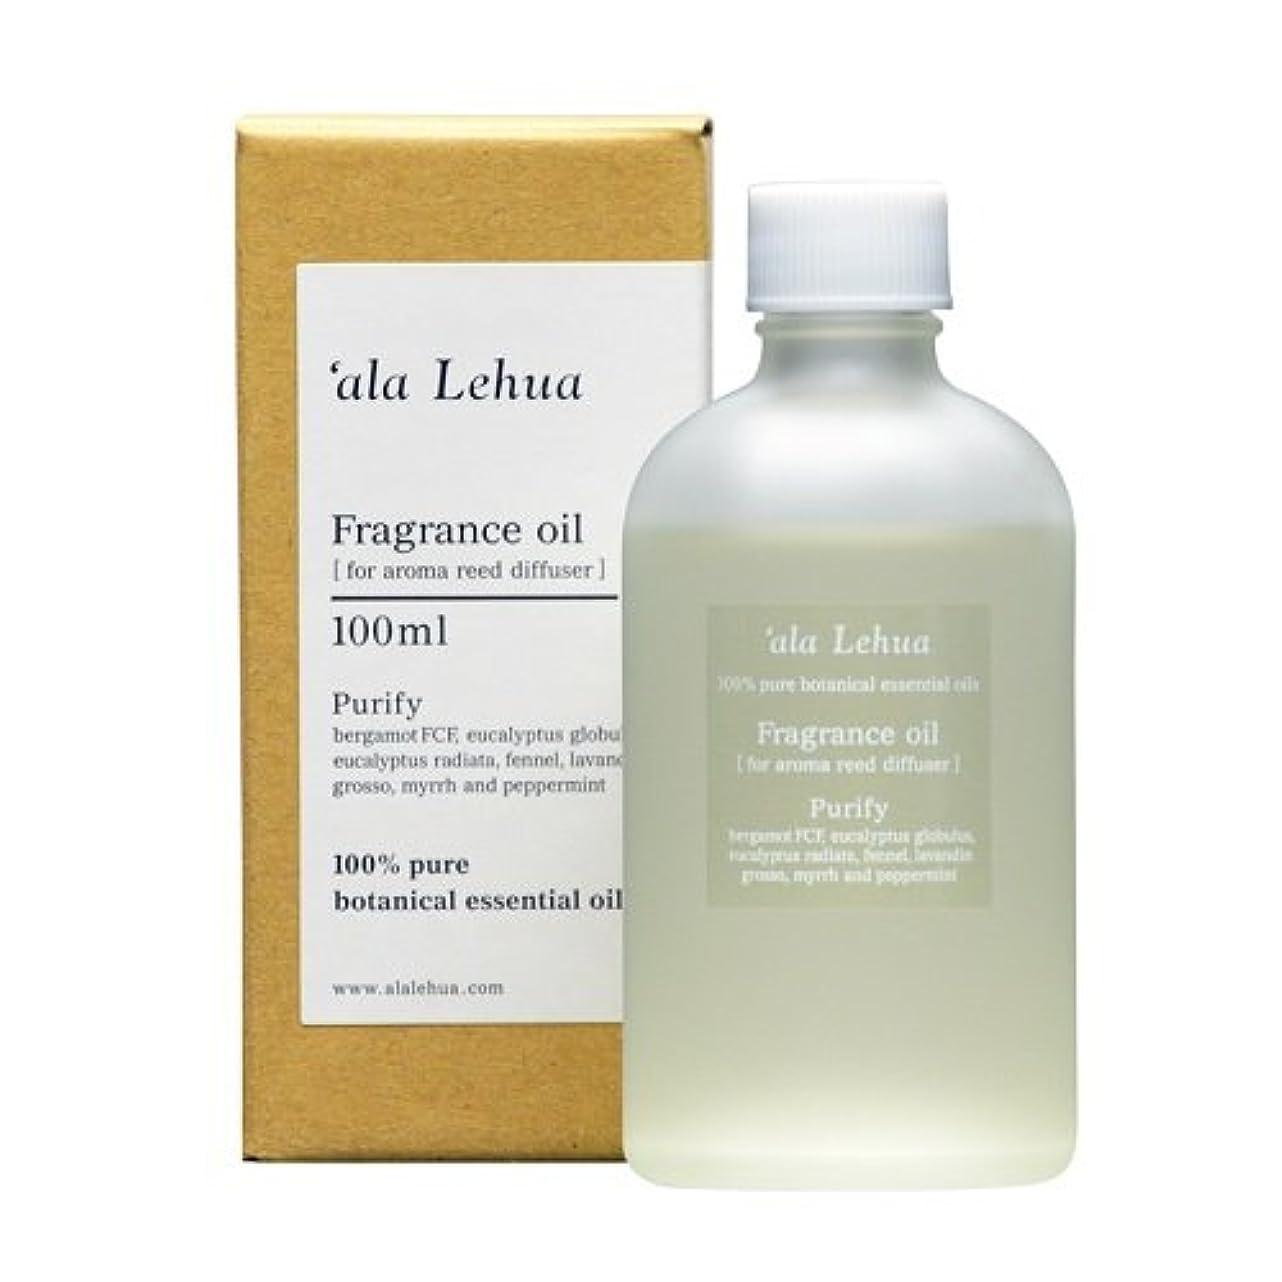 インク人種中庭フレーバーライフ(Flavor Life) `ala Lehua (アラレフア) アロマリードディフューザー フレグランスオイル 100ml purify(ピュリファイ)